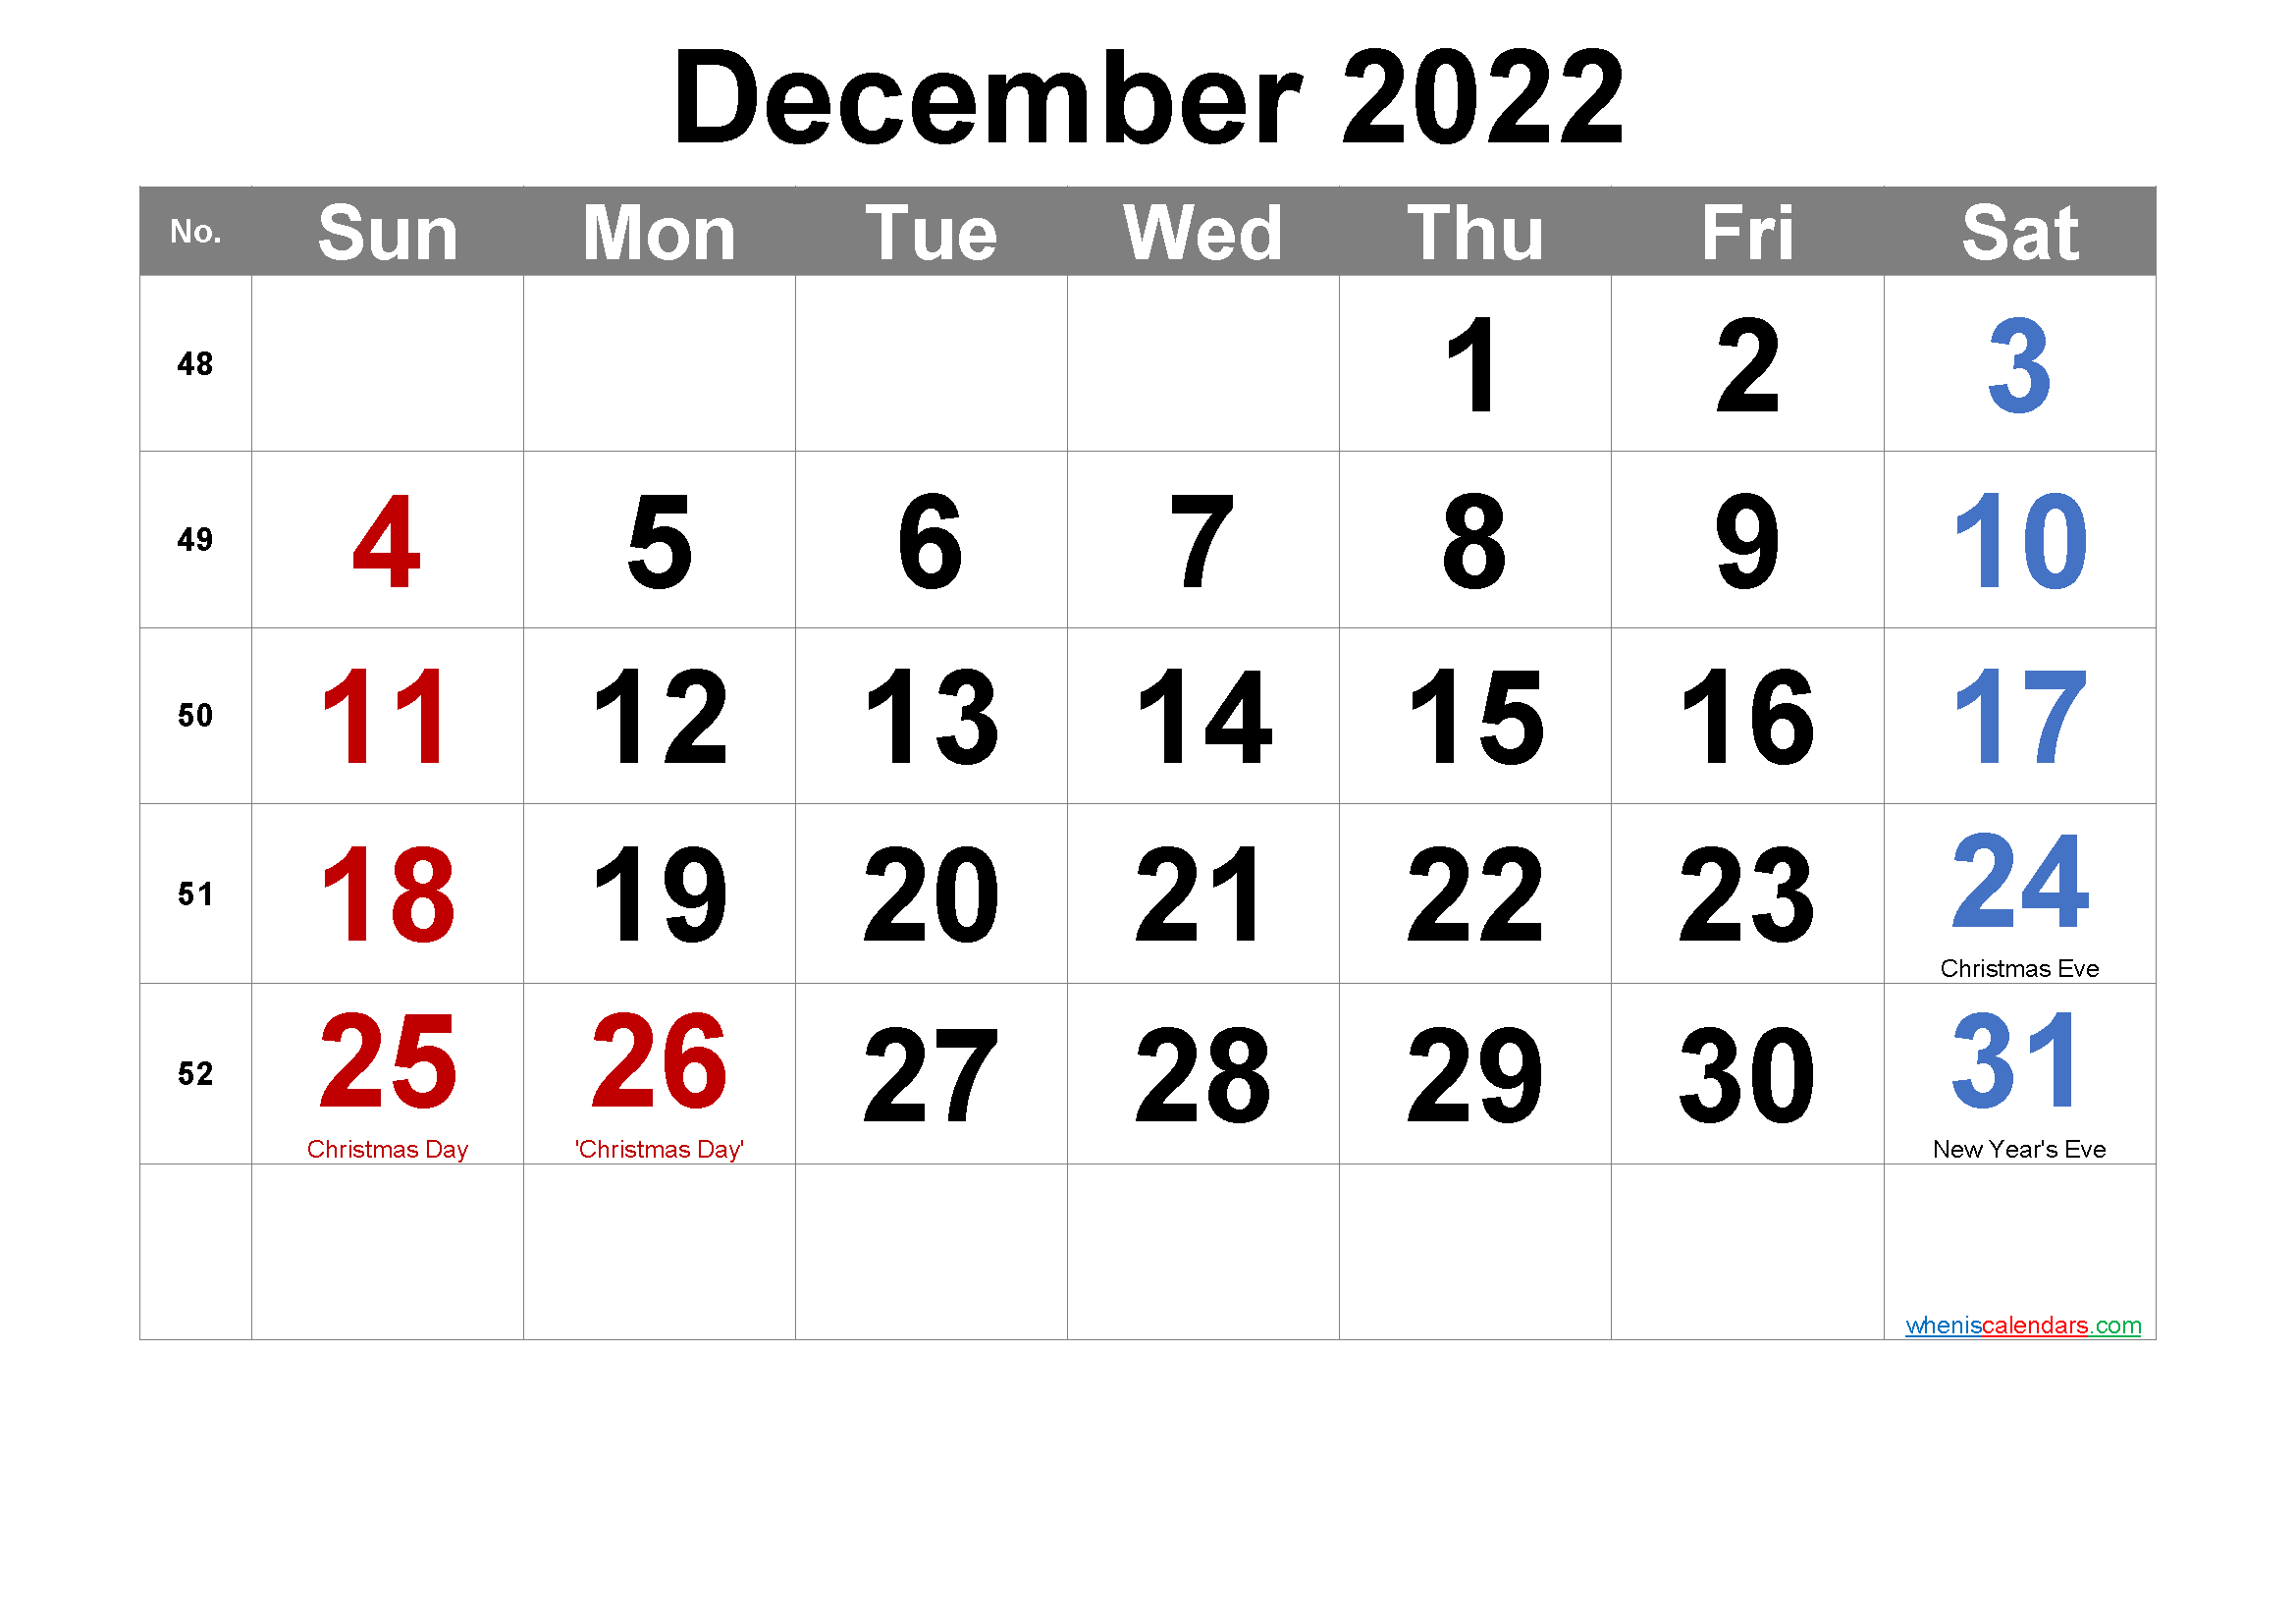 Editable December 2022 Calendar with Holidays